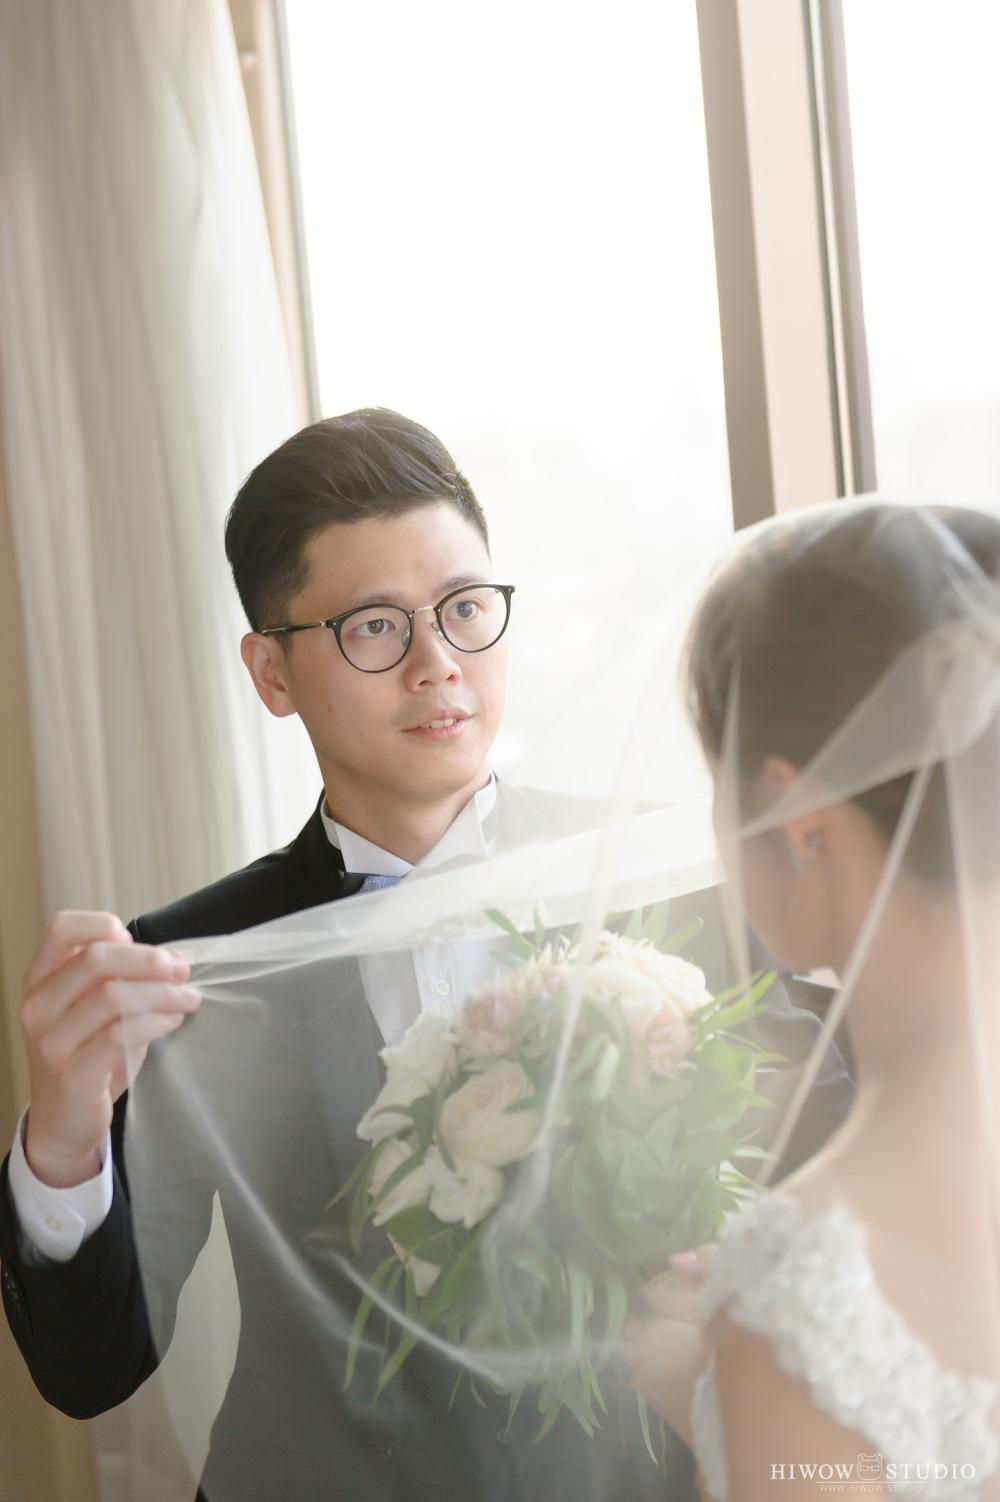 婚禮紀錄.世貿三三.海蛙攝影 (39)